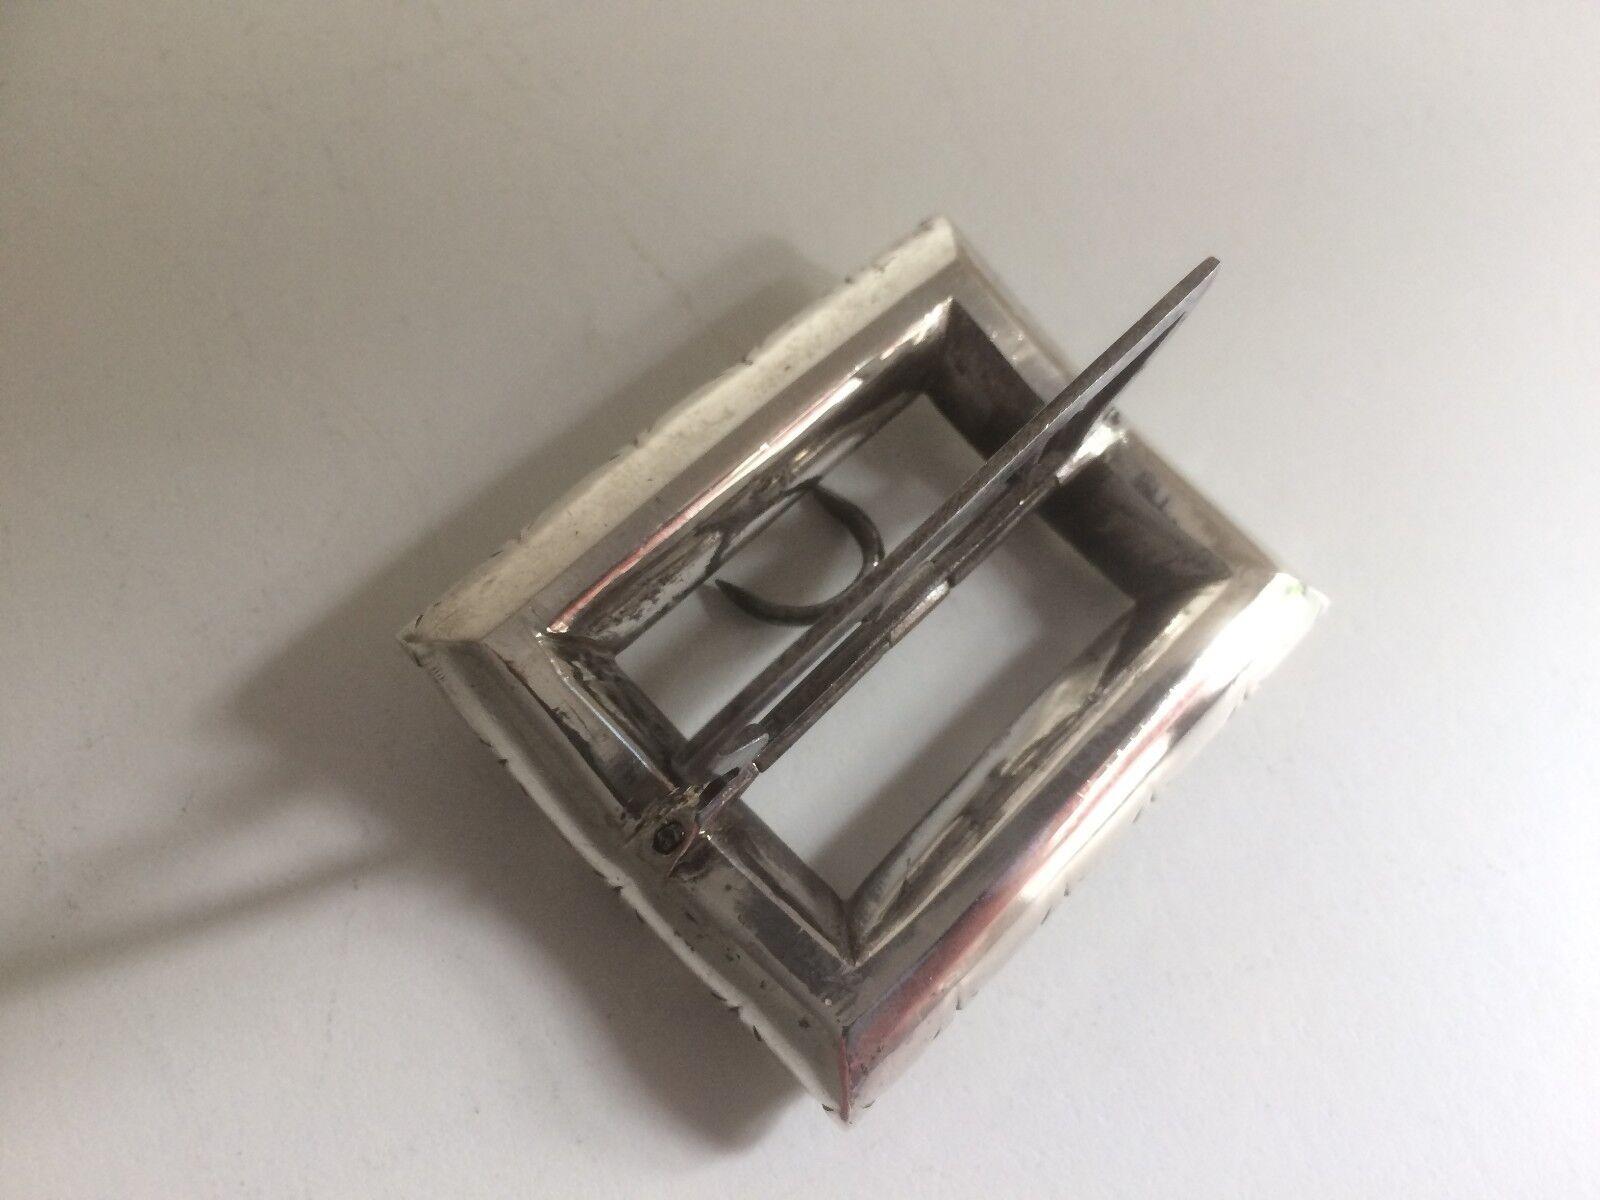 Antico Antico Antico Vittoriano Francese argentoo e incollare il vetro fibbia rettangolare d535e2